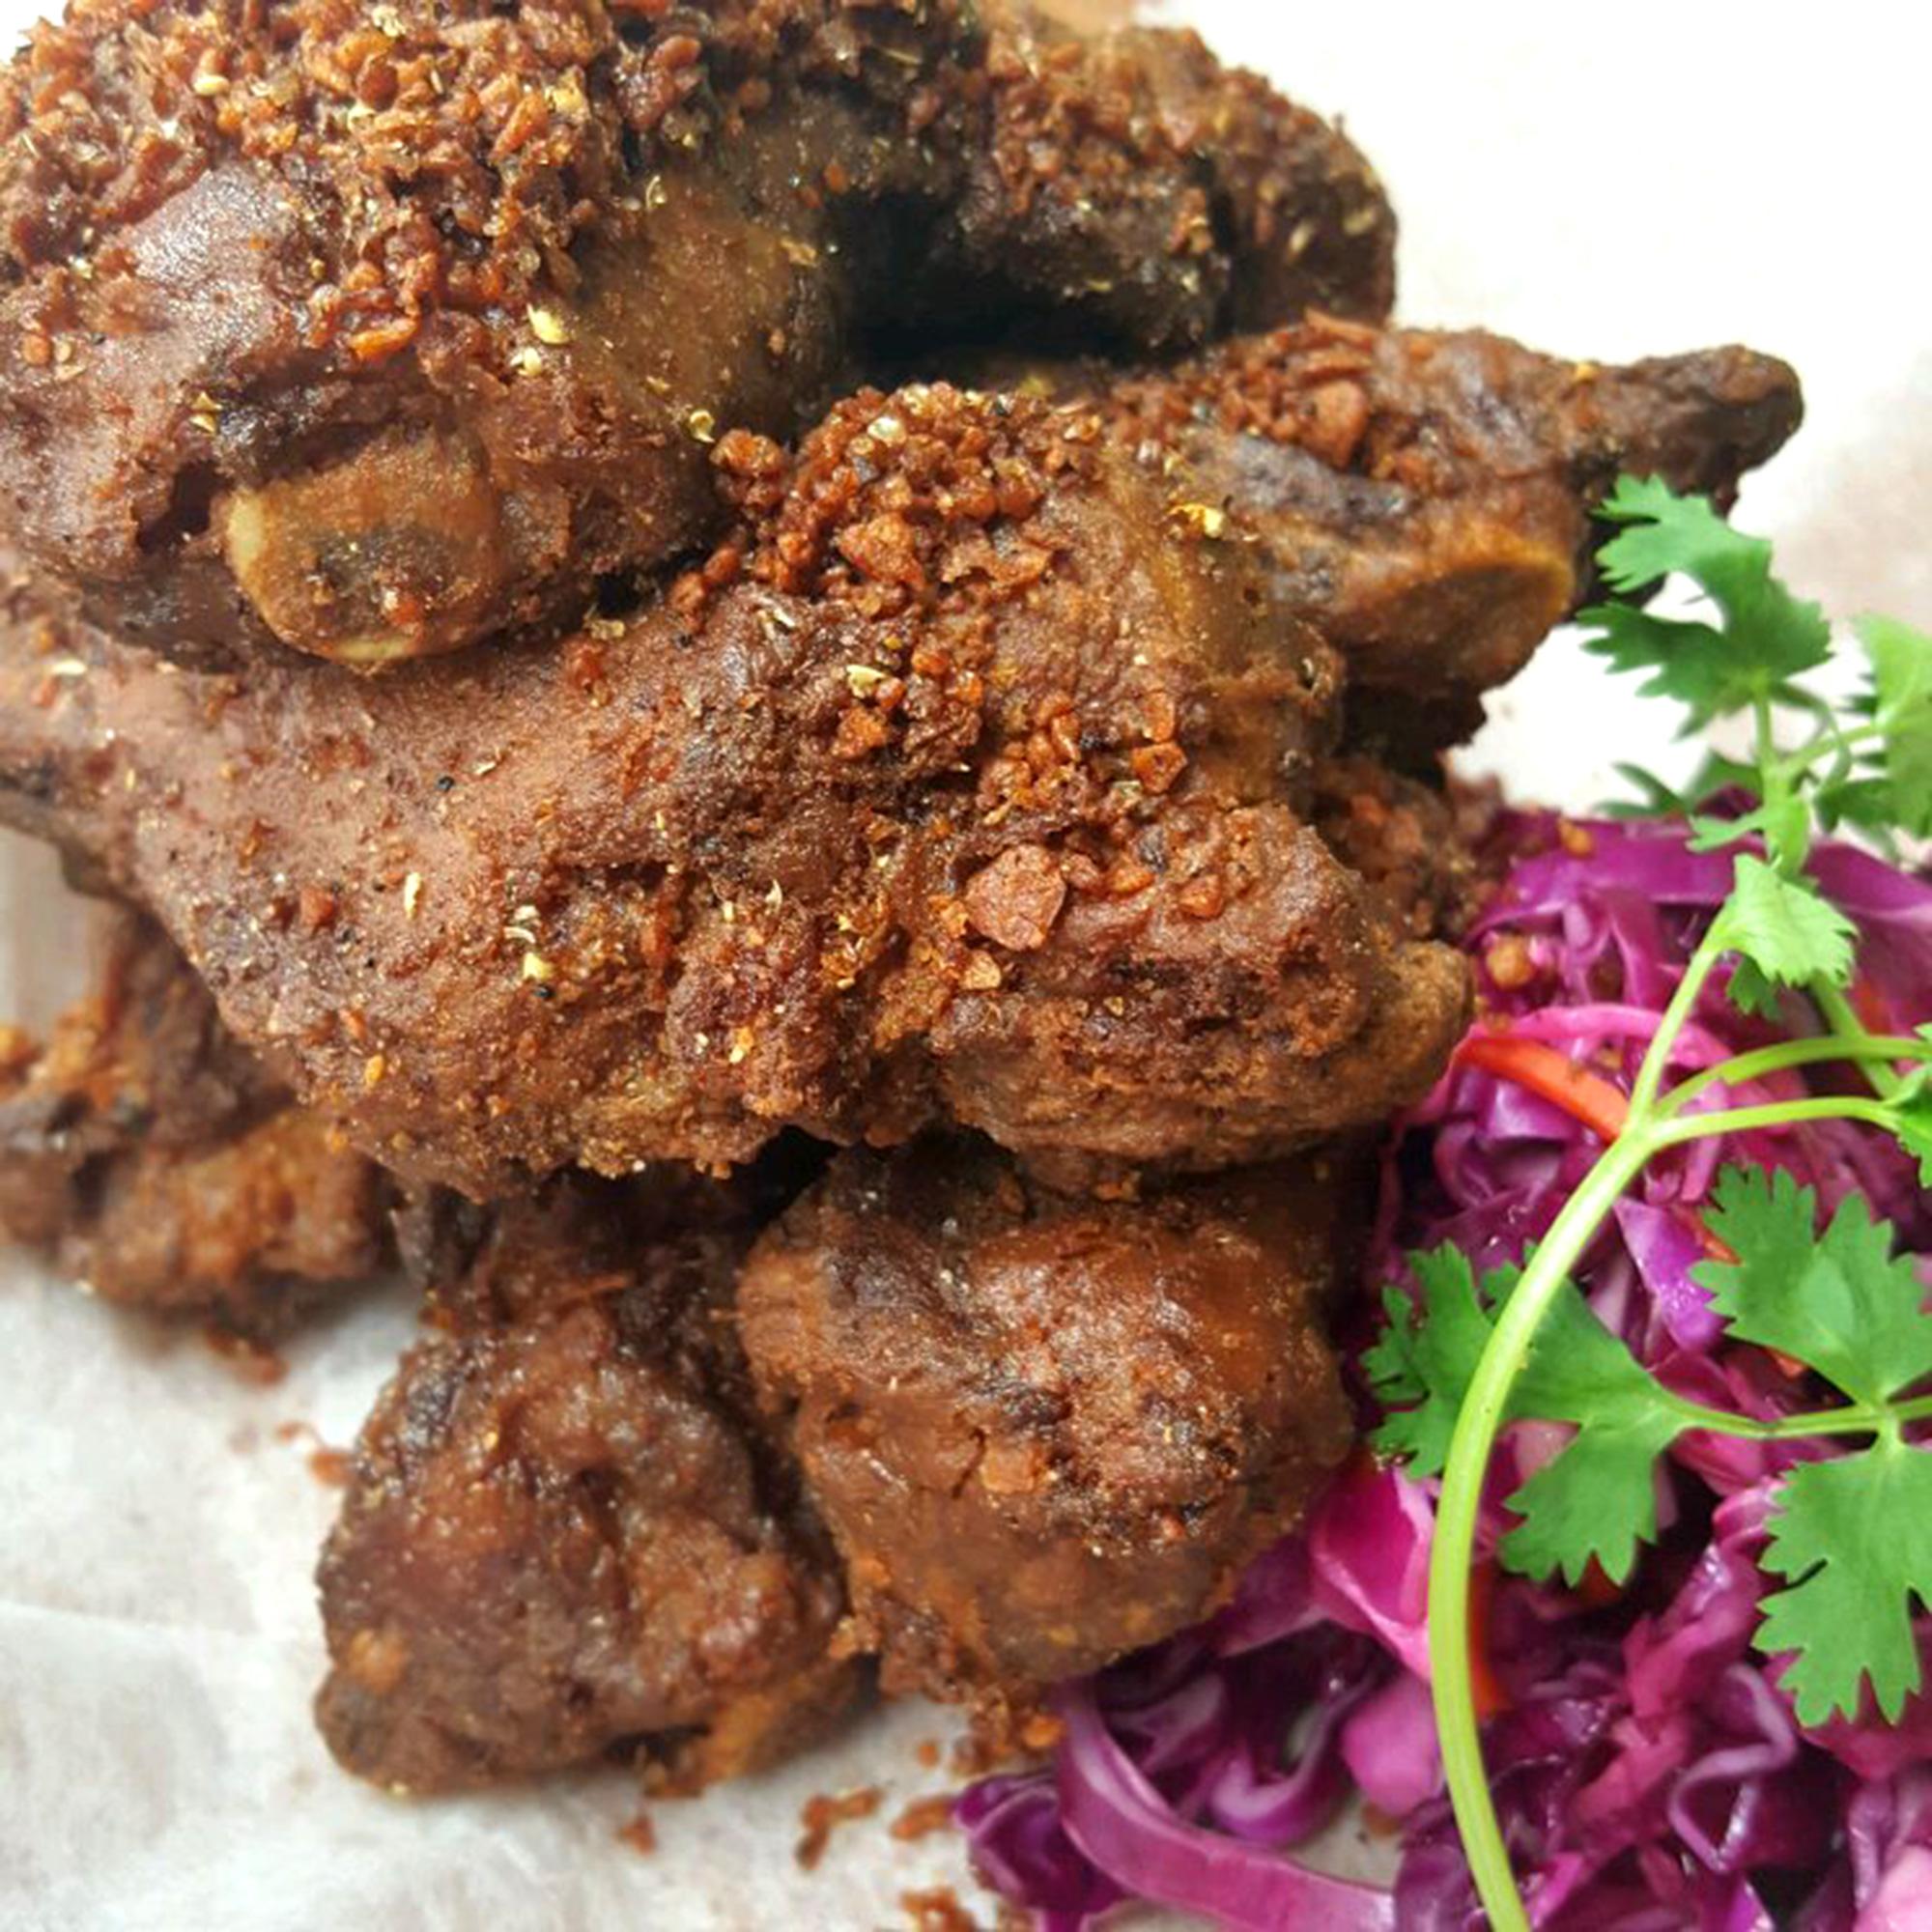 Deep Fried Ribs with Garlic & Sze Chuan Pepper ($18)